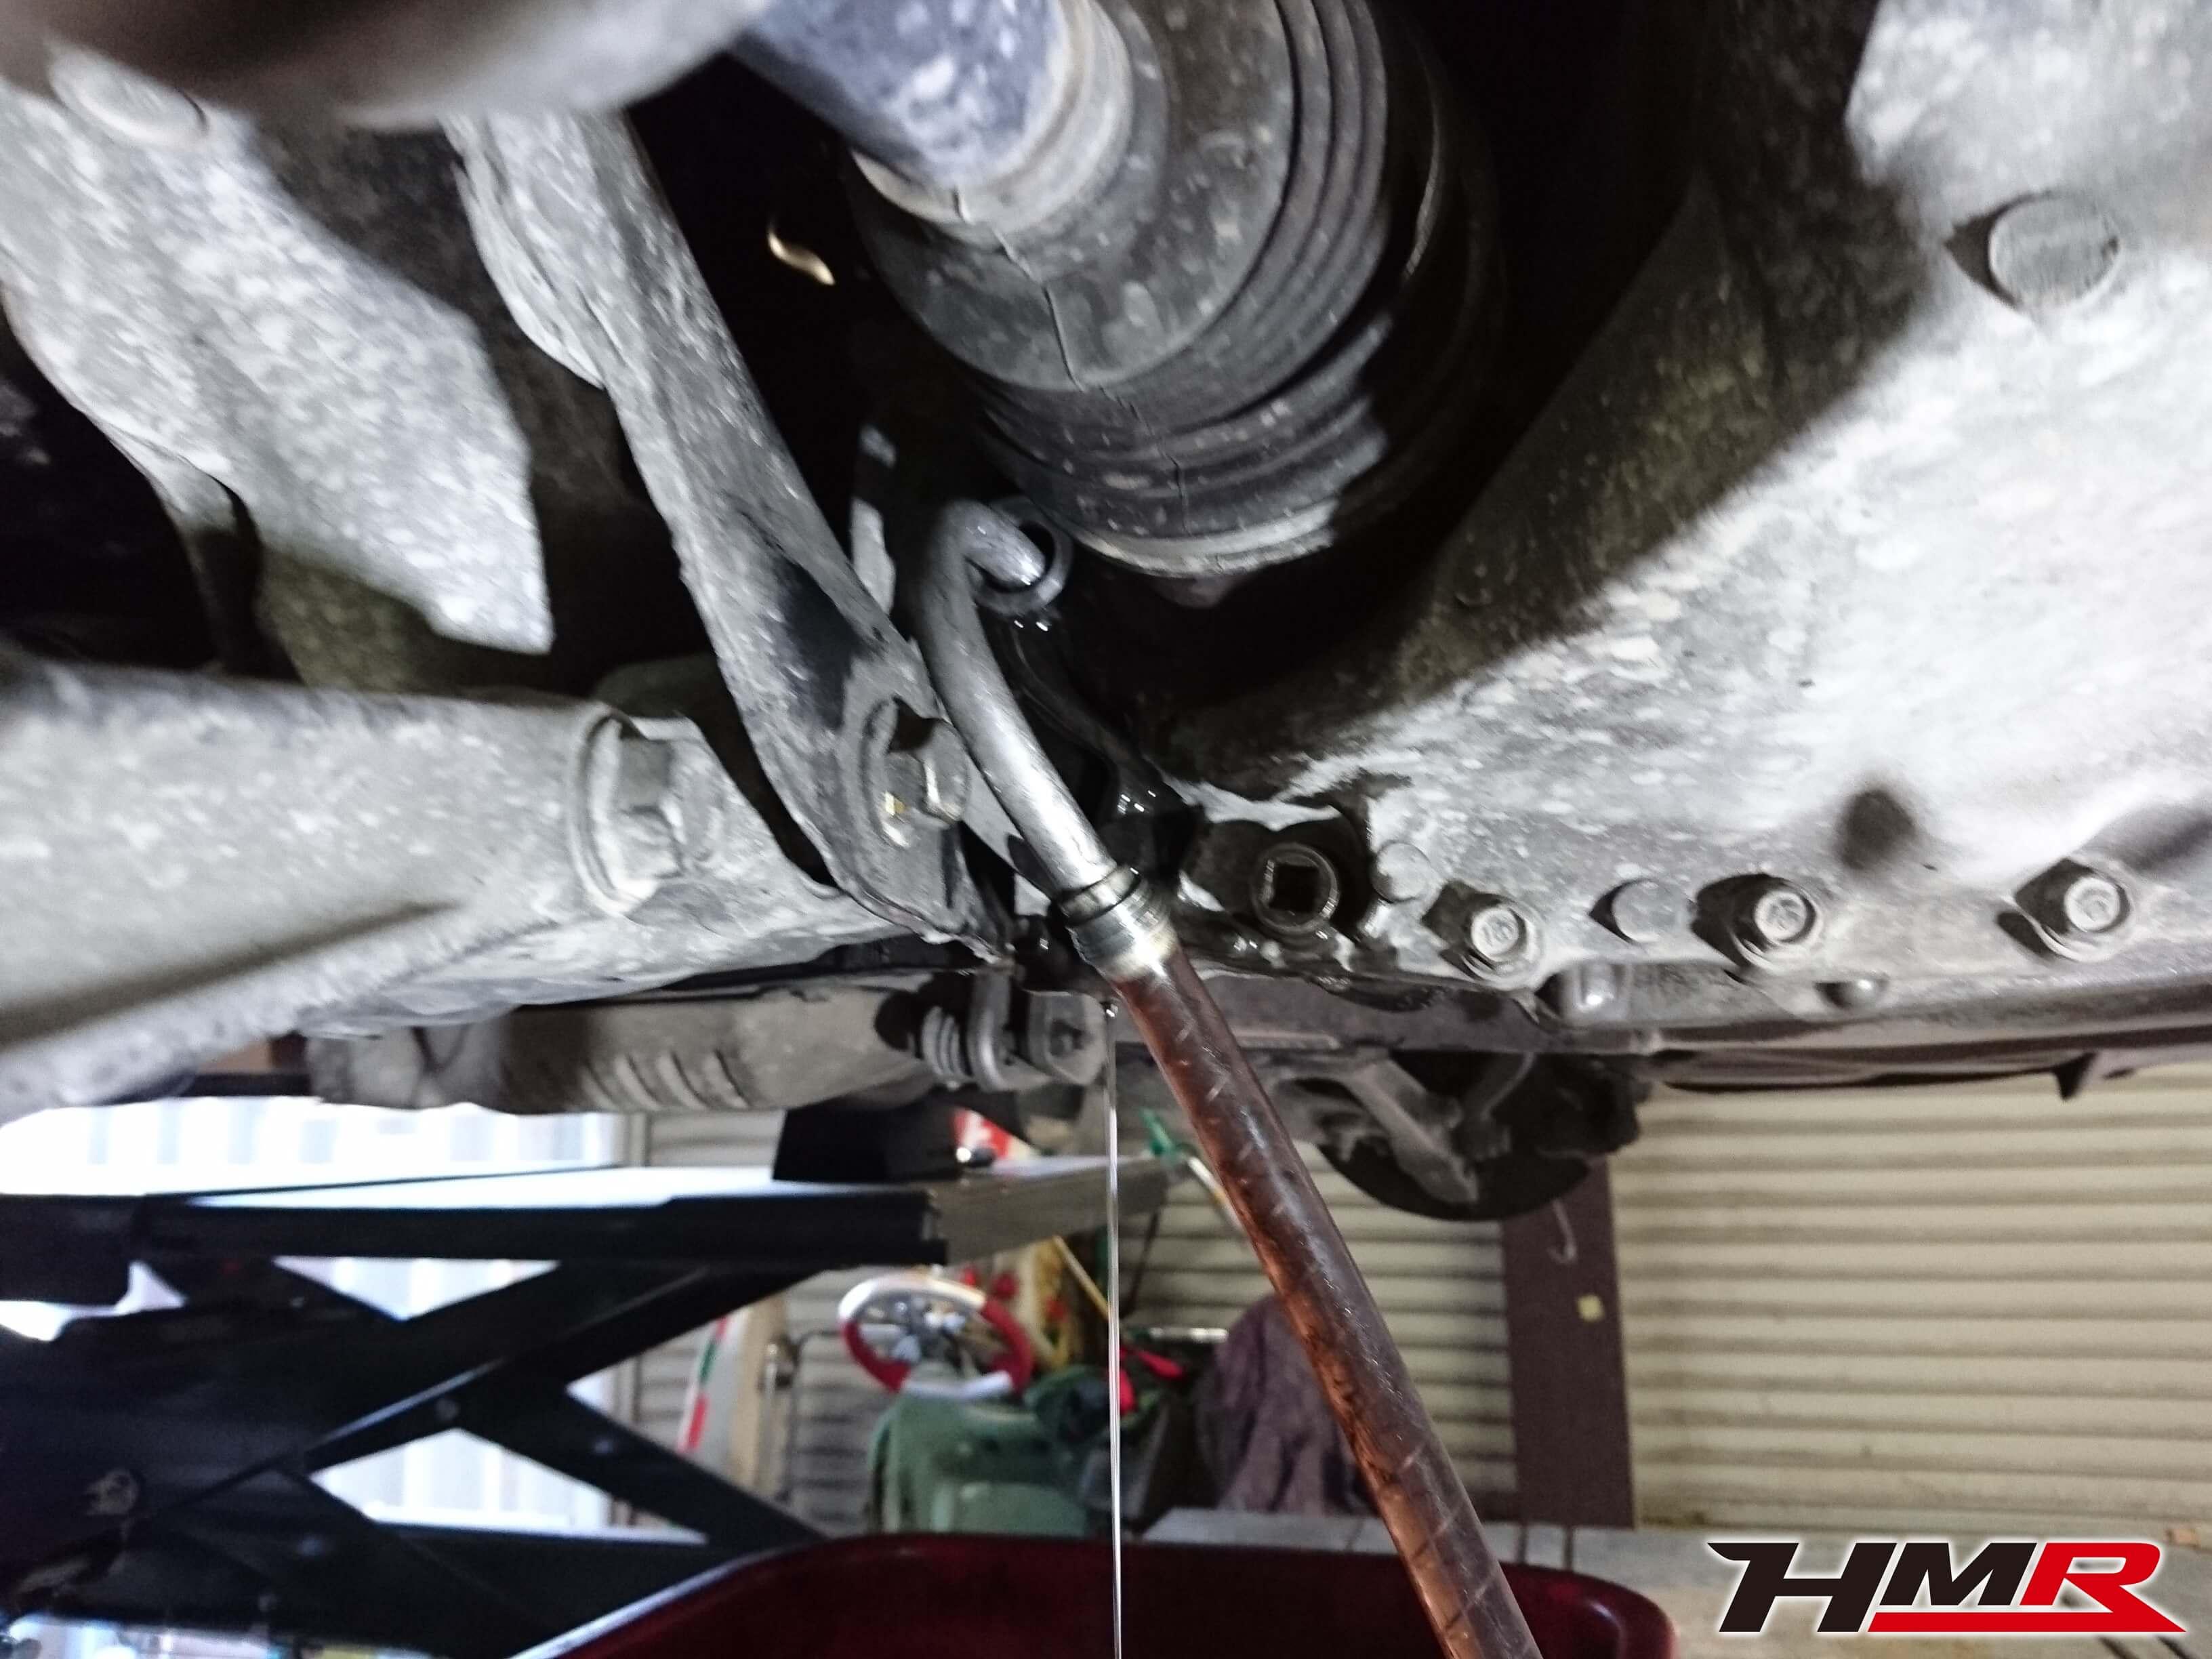 シビック(EG6)ドライブシャフト交換シビック(EG6)納車整備